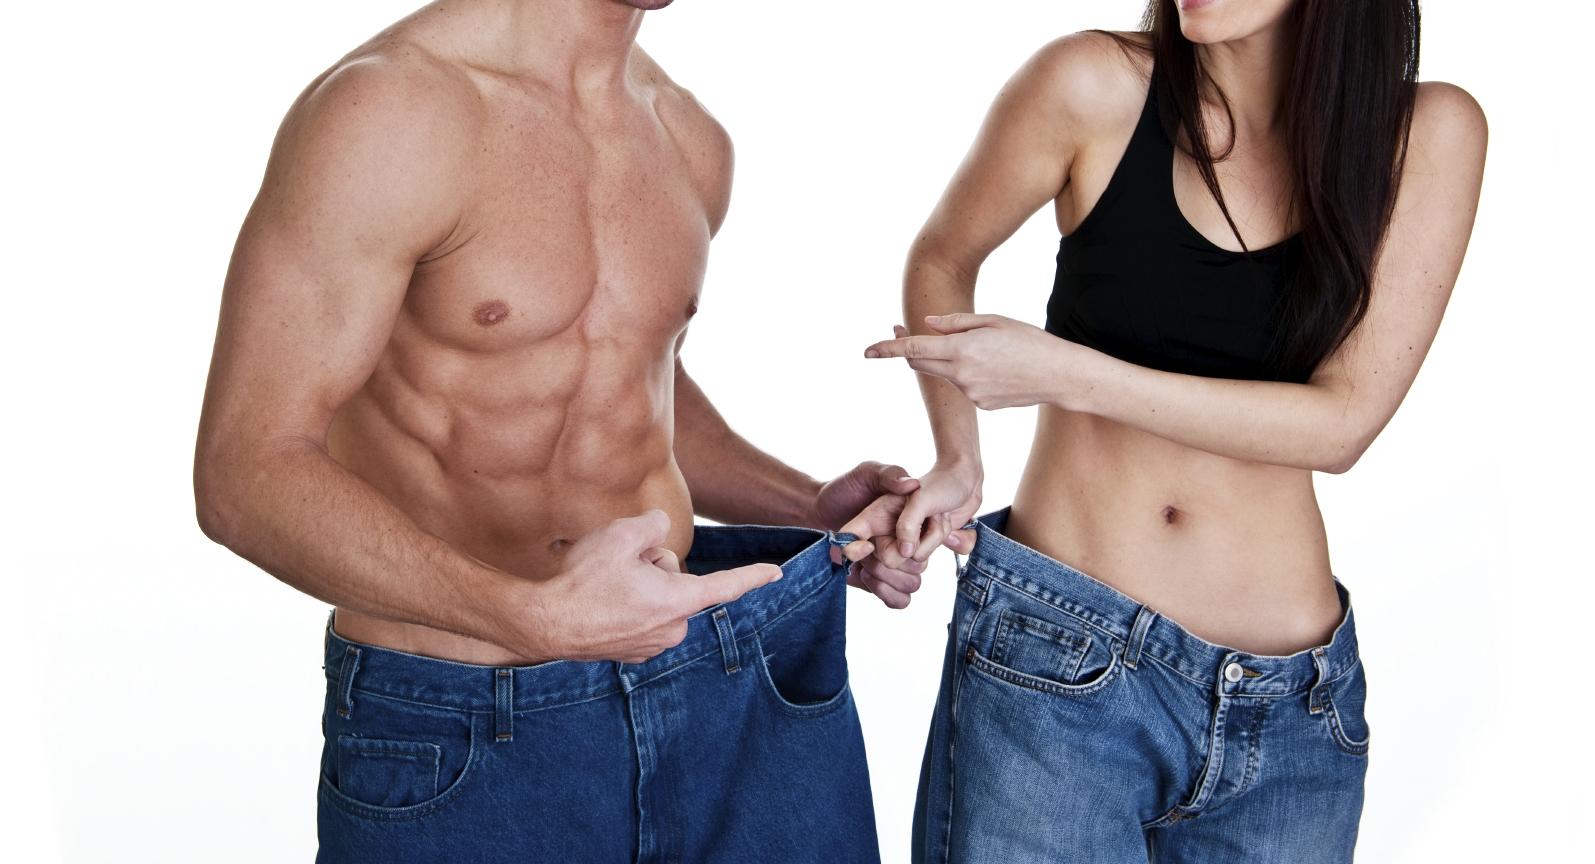 Как в домашних условиях избавиться от лишнего веса 984